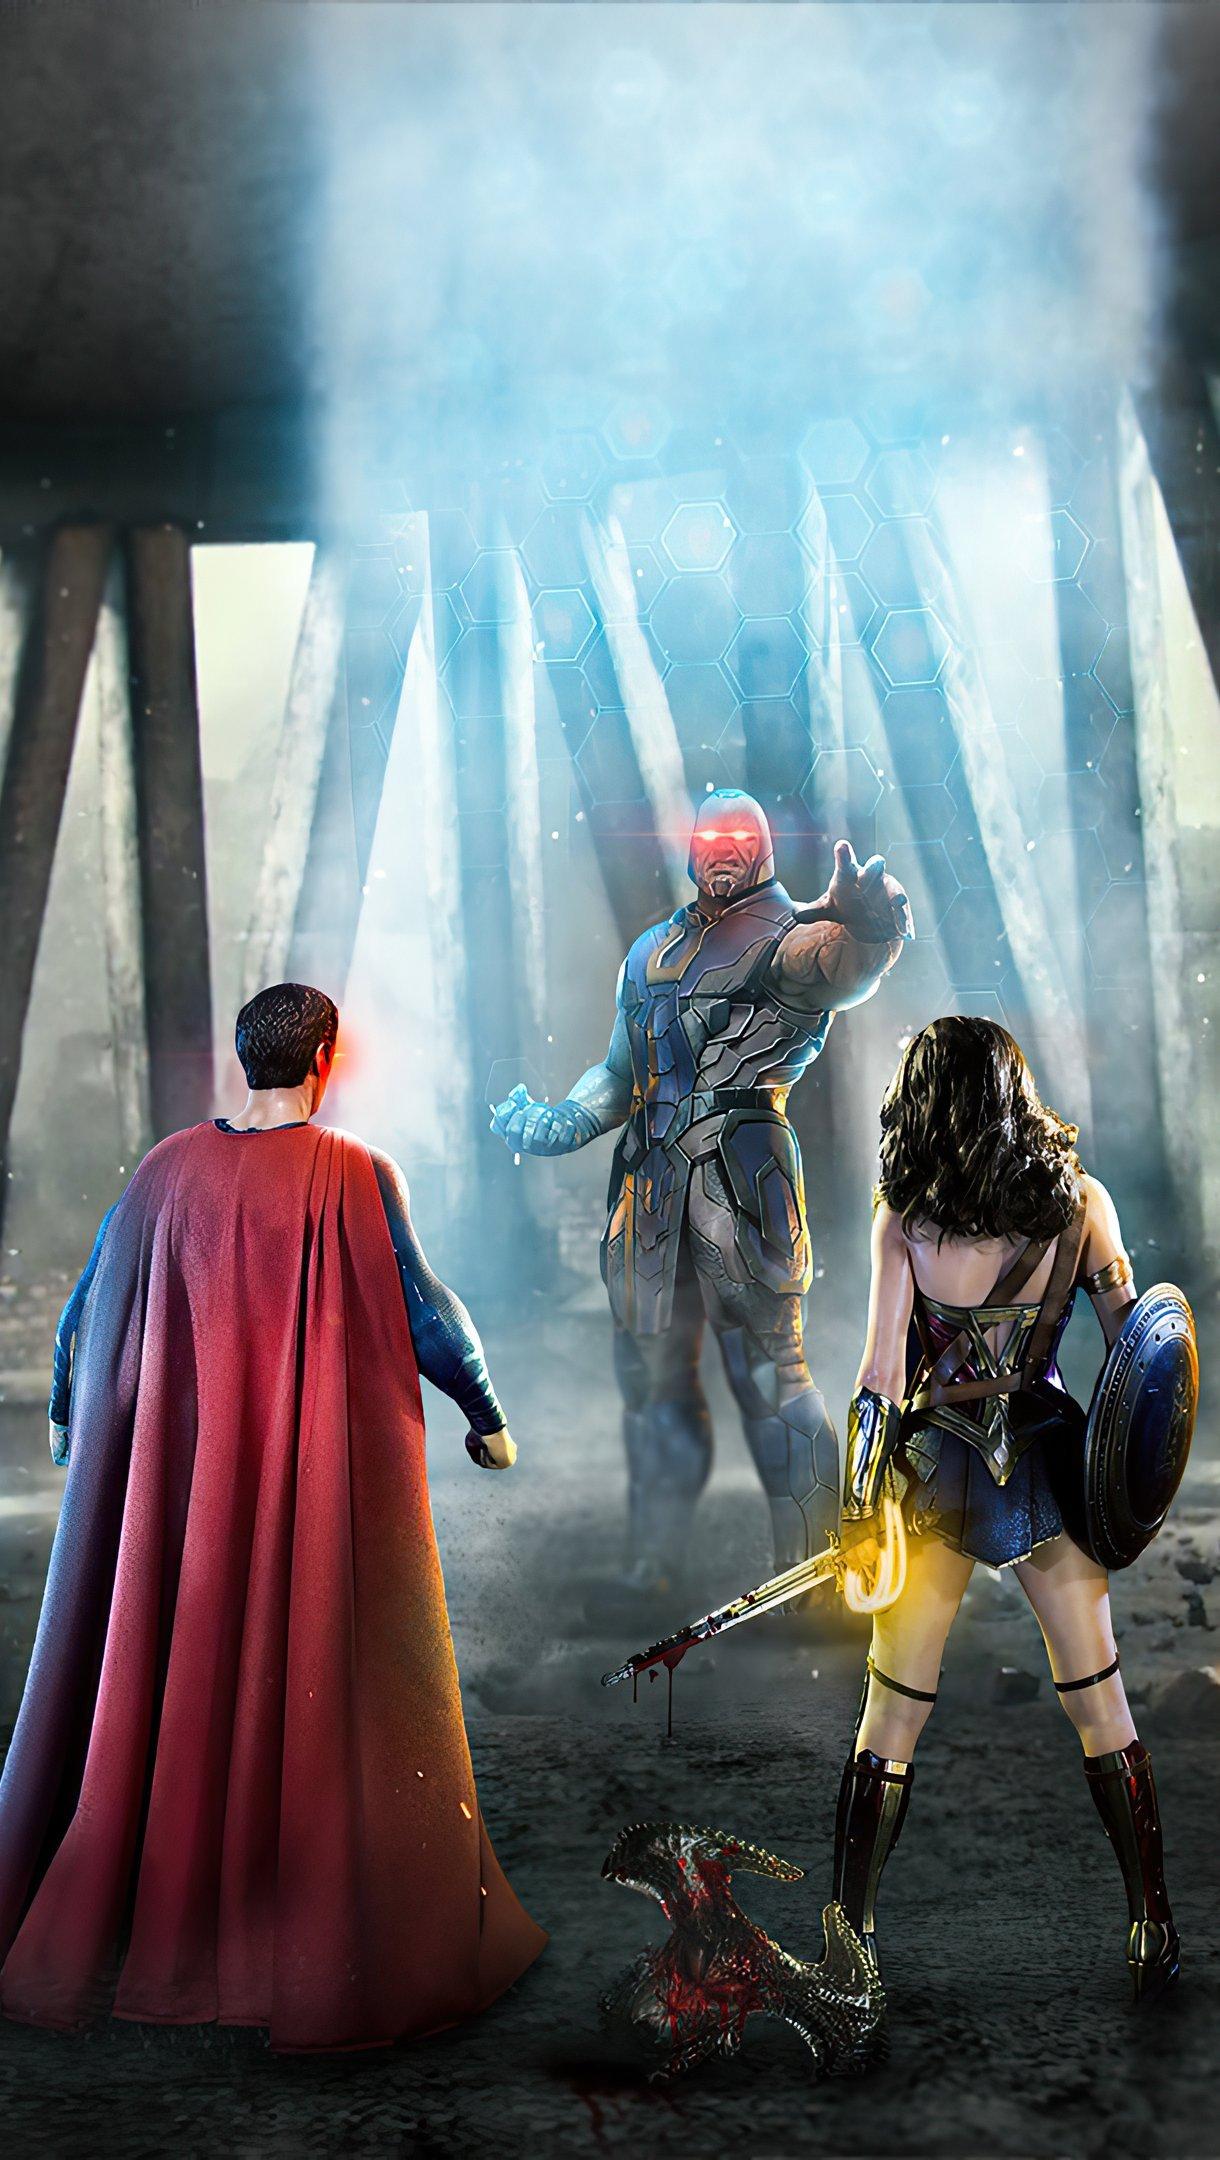 Fondos de pantalla Liga de la Justicia contra Darkseid Vertical